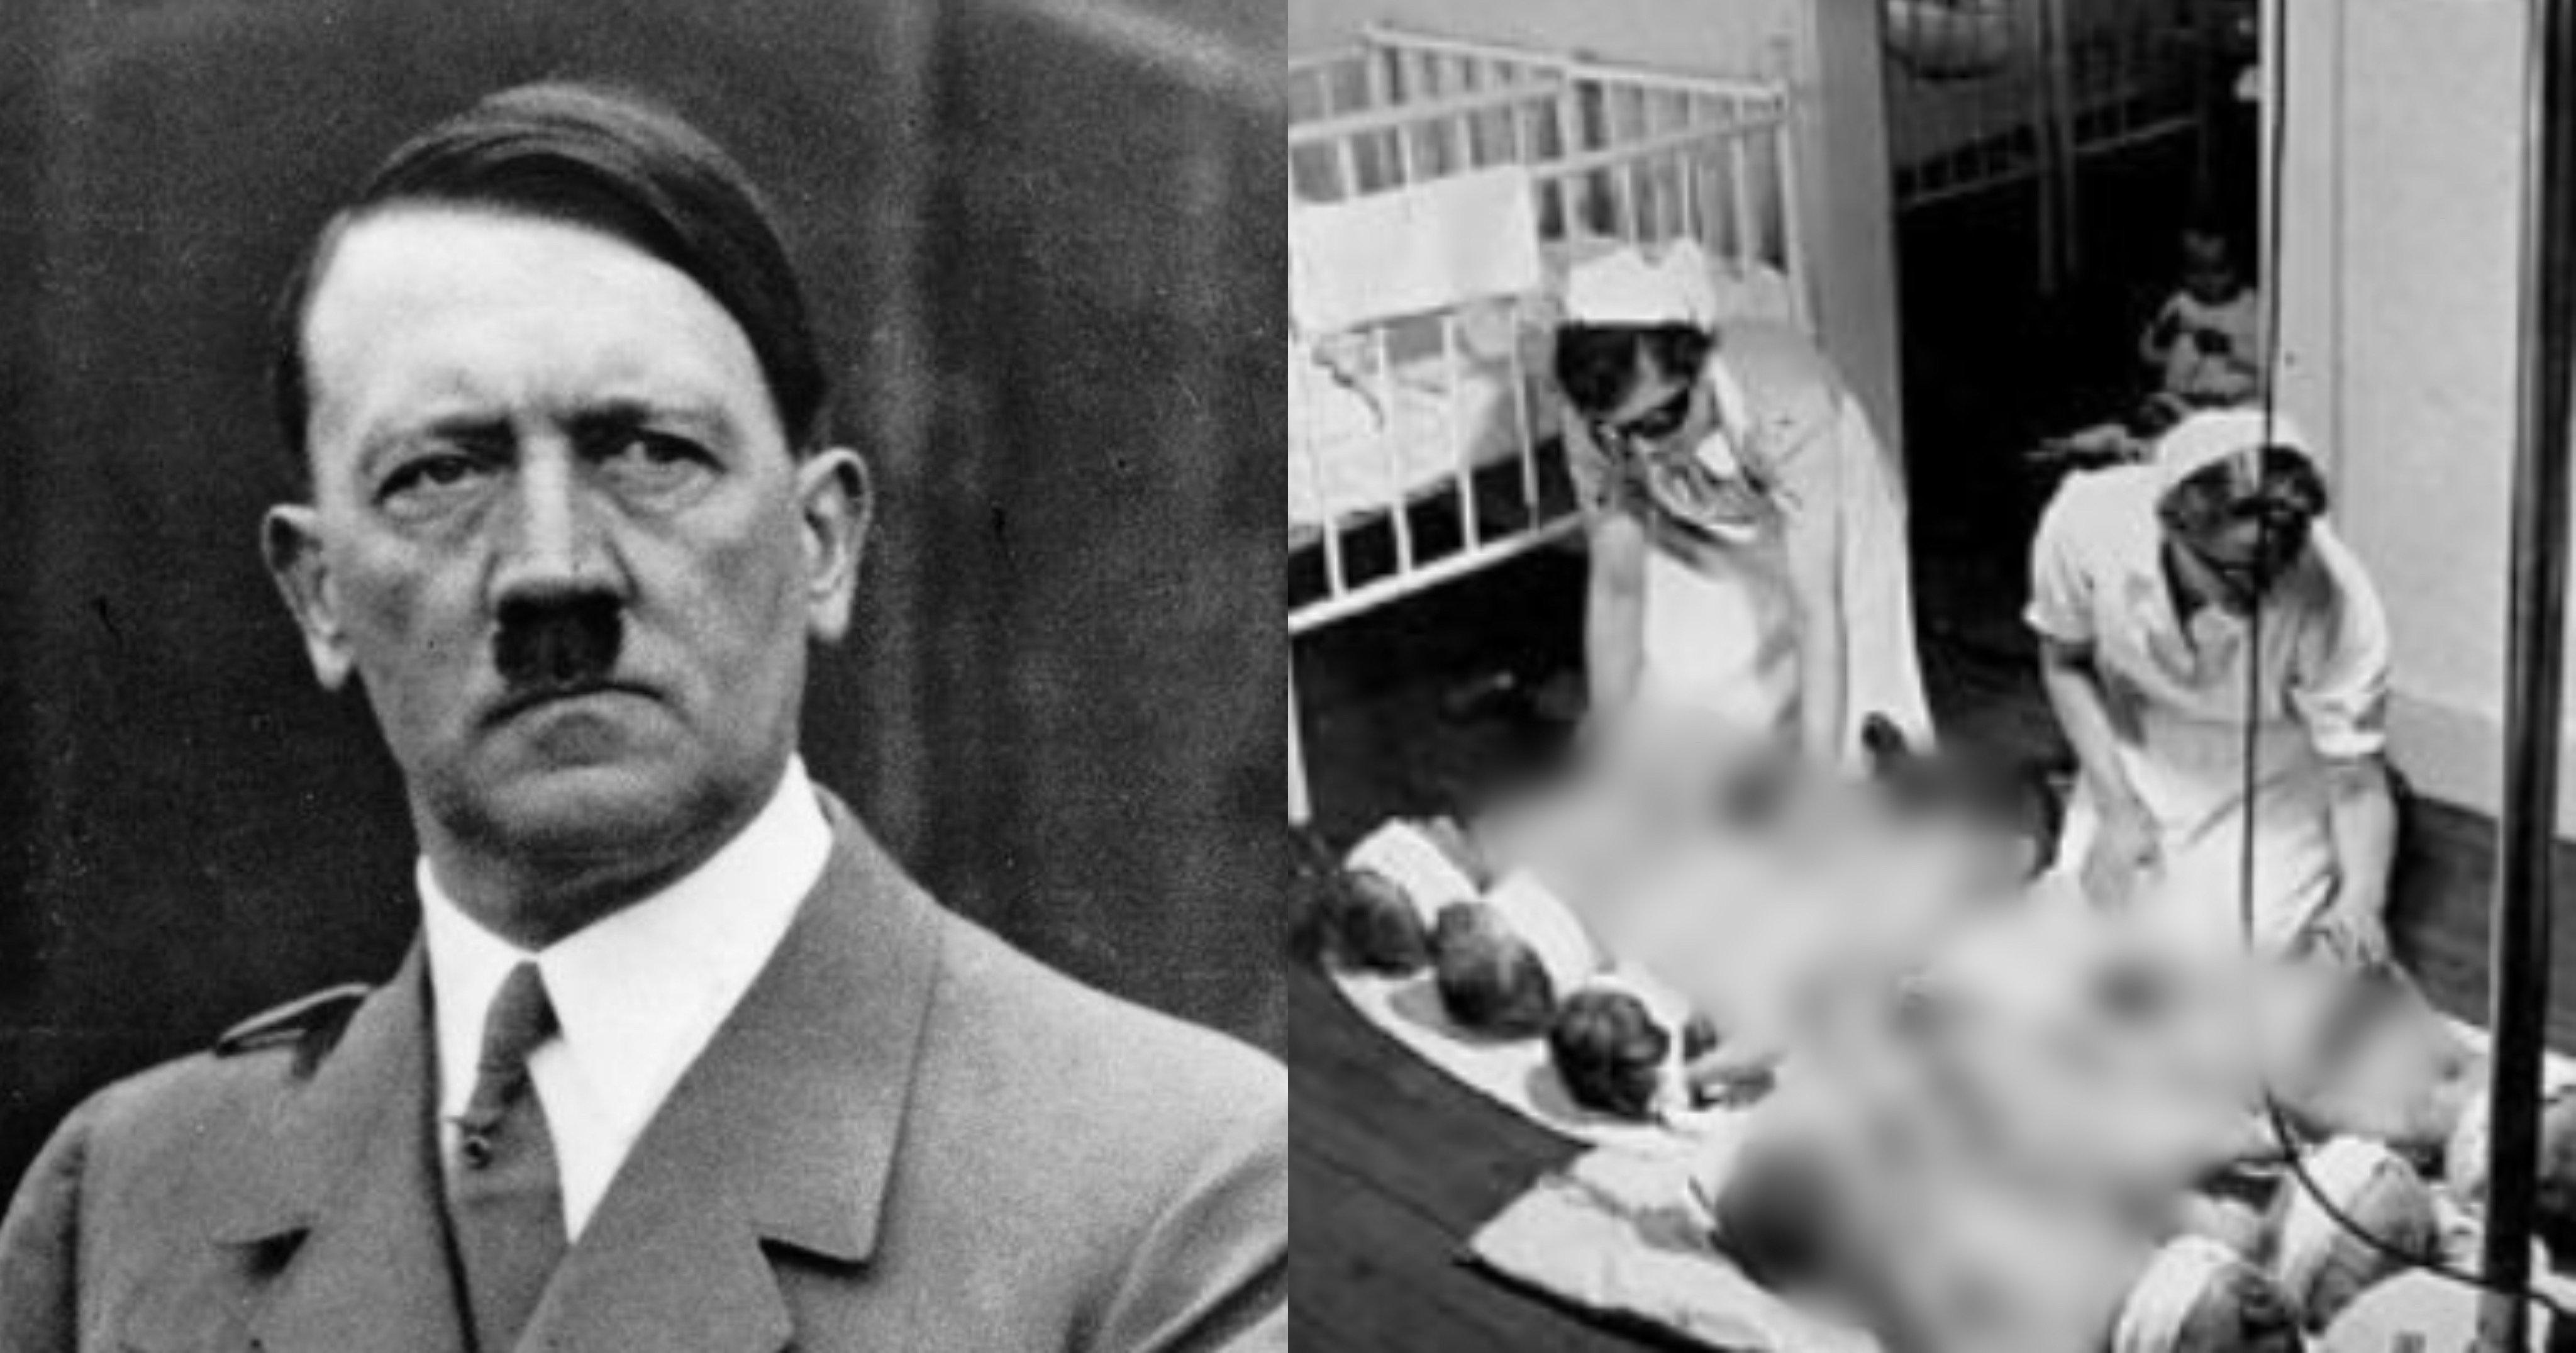 """e38581e384b4e38587e38581e384b4e38587.jpg?resize=412,275 - """"강제로 섹X를.."""" 악명 높은 독재자인 '히틀러'가 몰래 만들고 있었던 충격적인 것.jpg"""